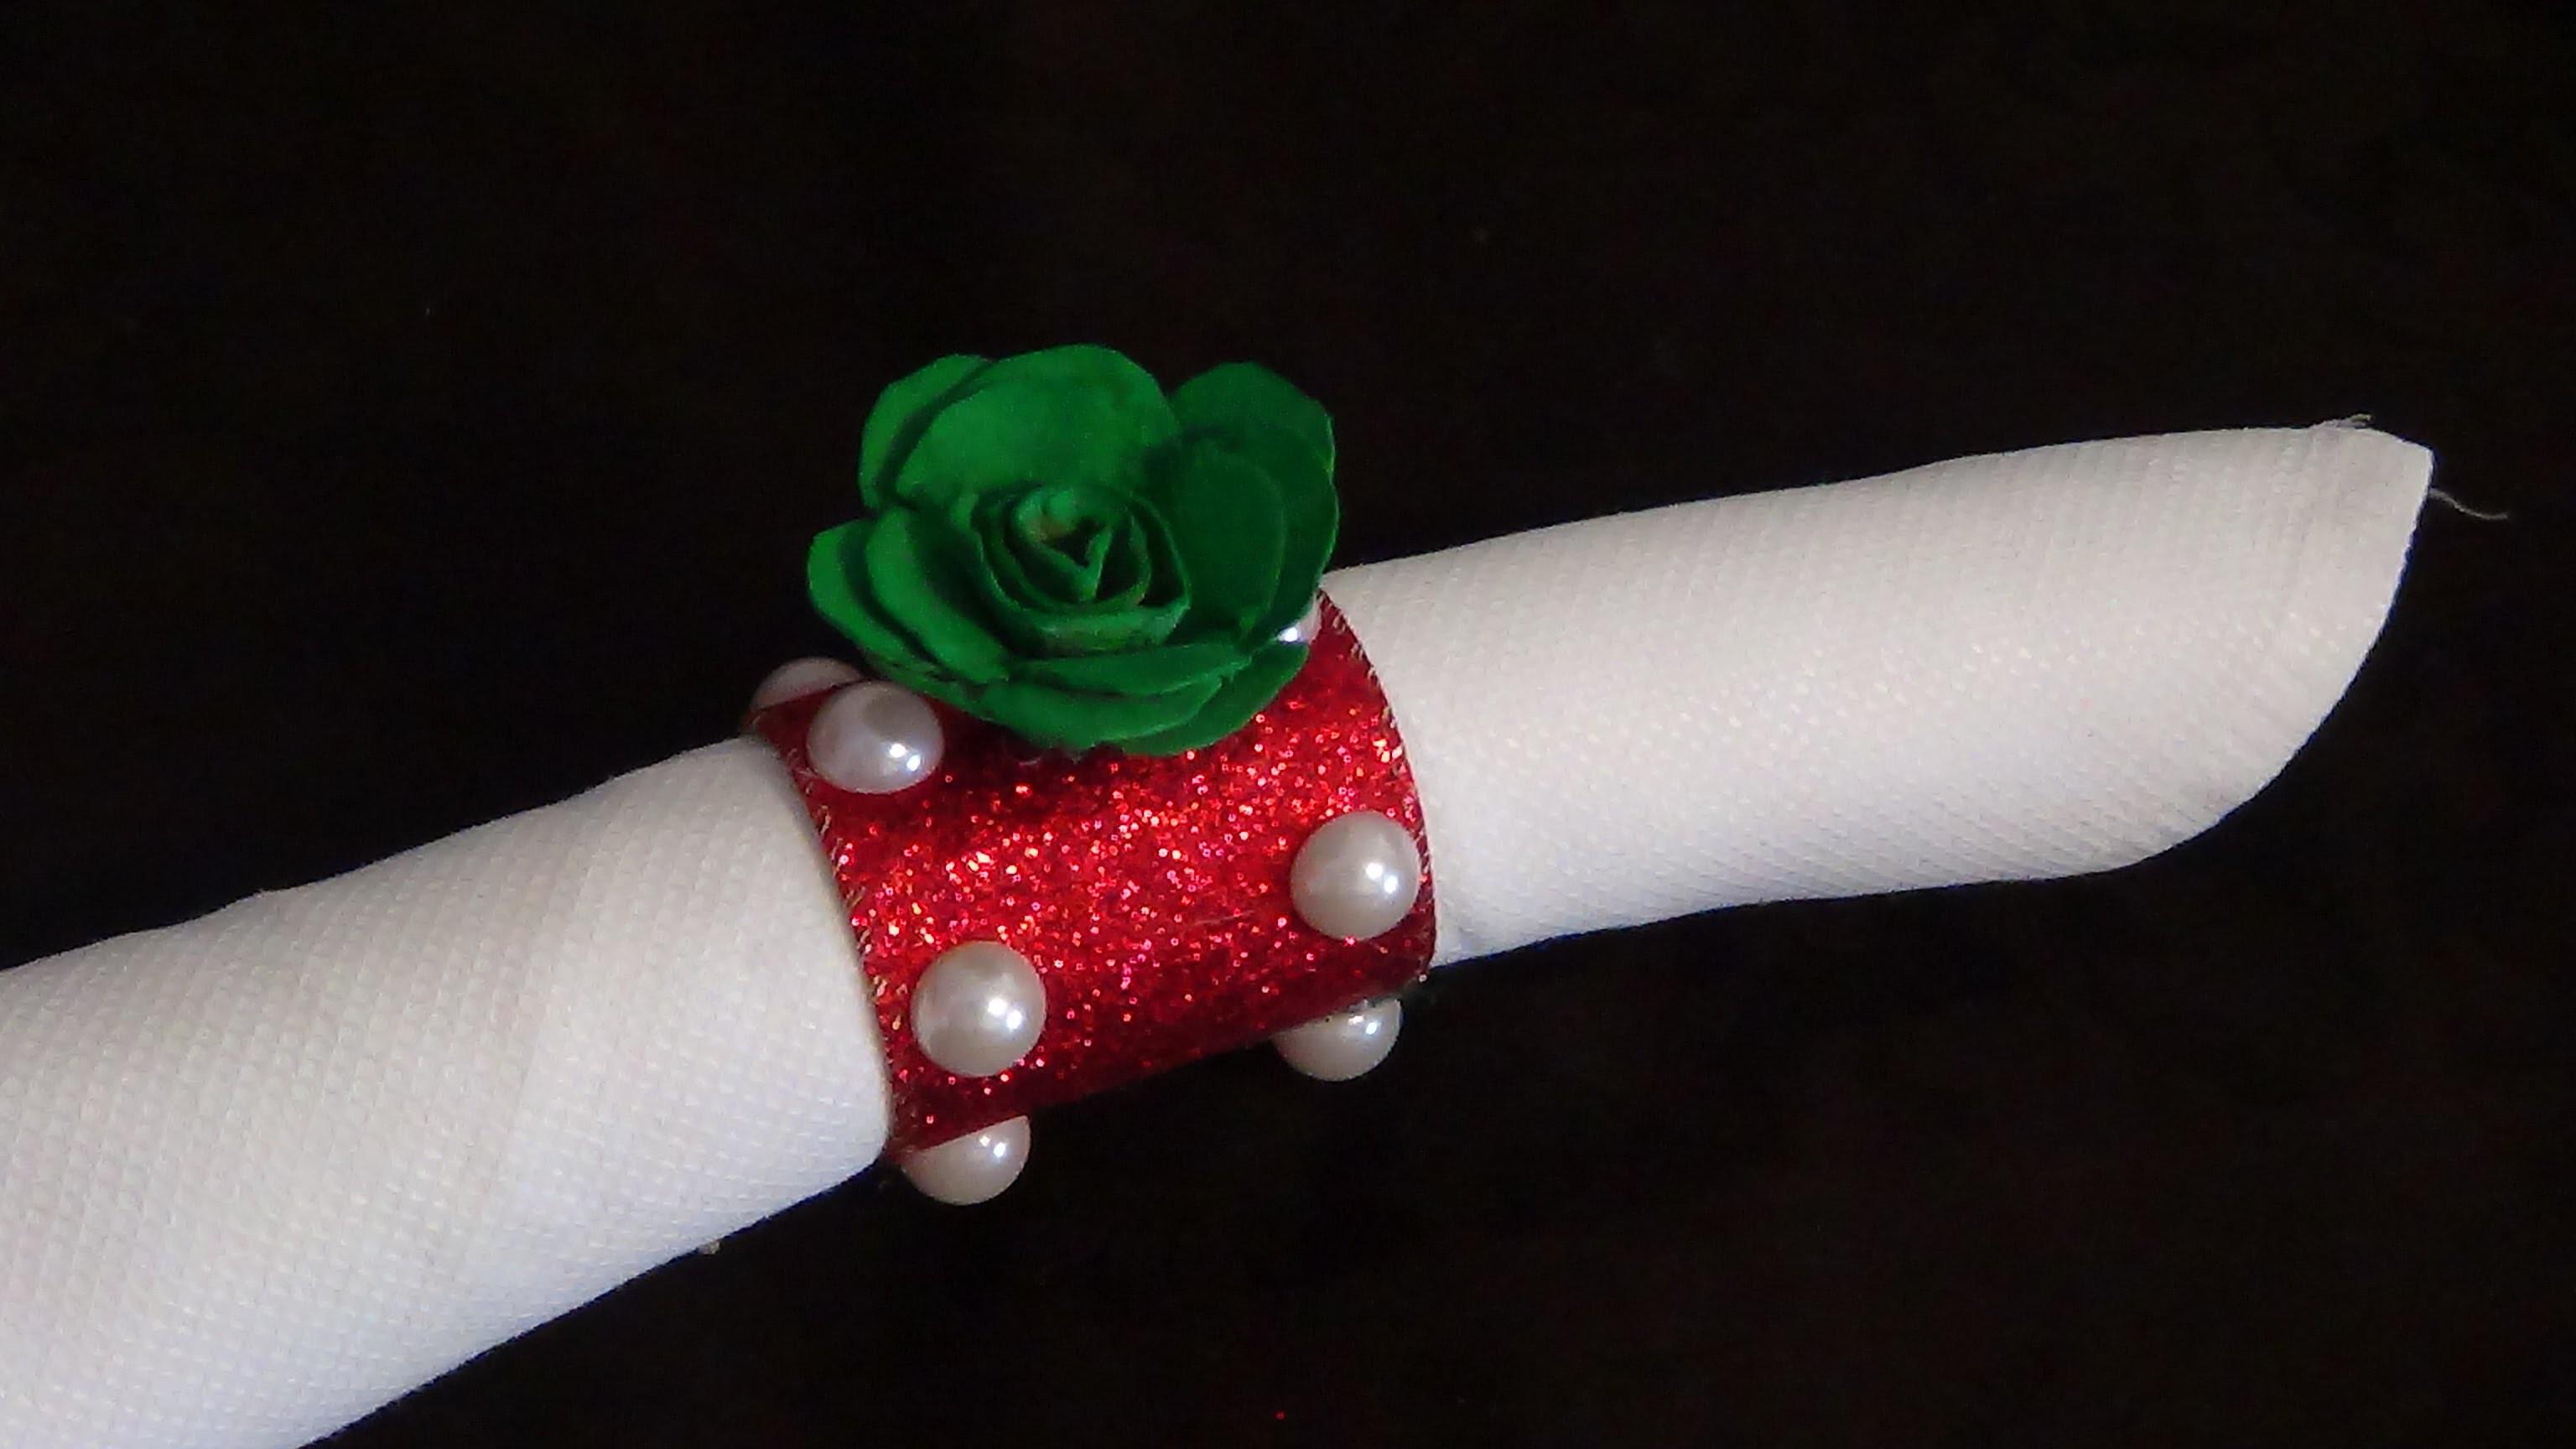 DIY Saiba como fazer um porta guardanapos de natal  com flor de caixa de e rolo de papel  # 33